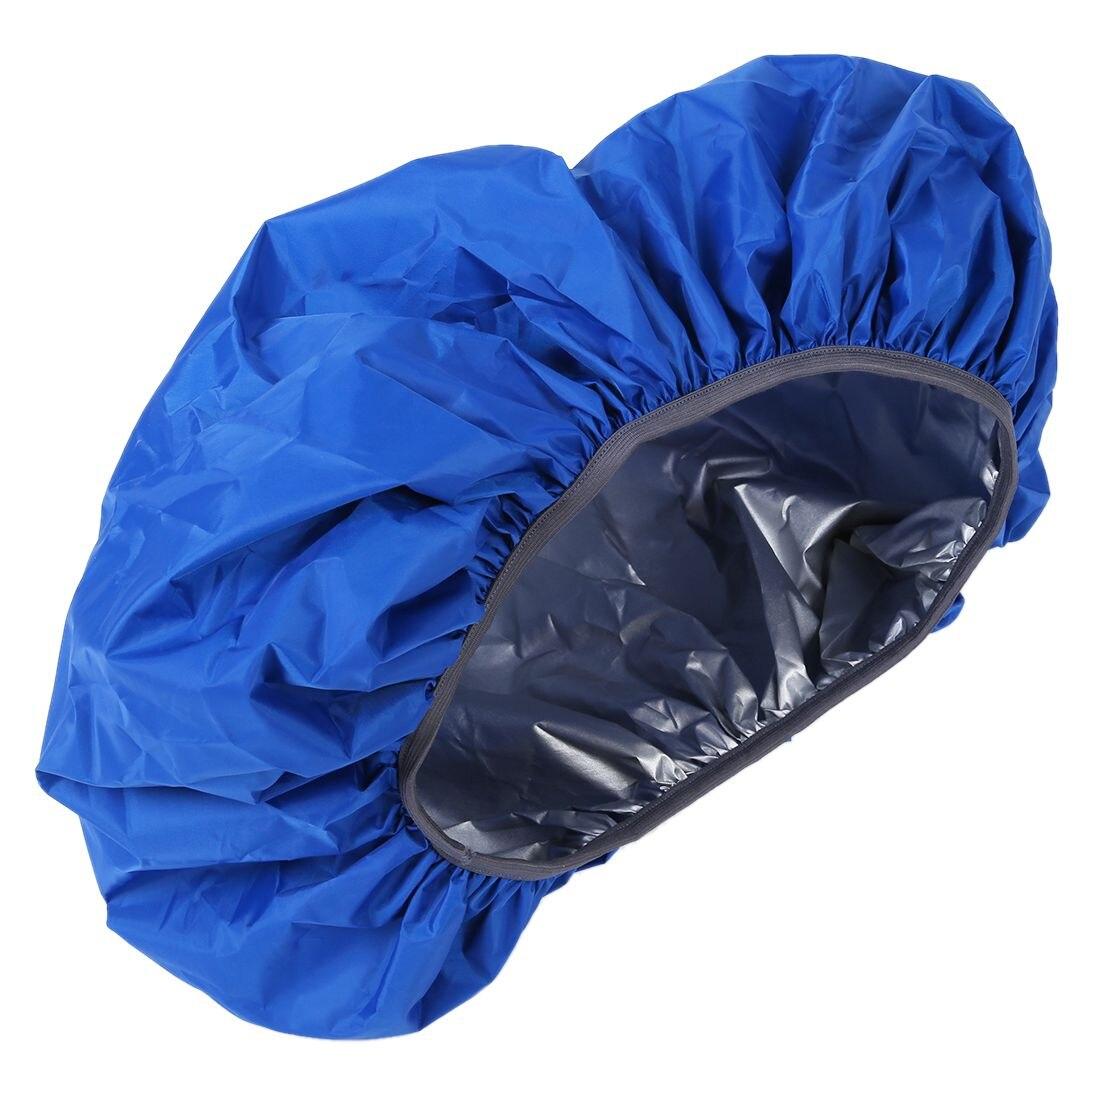 Новый Водонепроницаемый дорожный аксессуар рюкзак пыль дождевик 35L